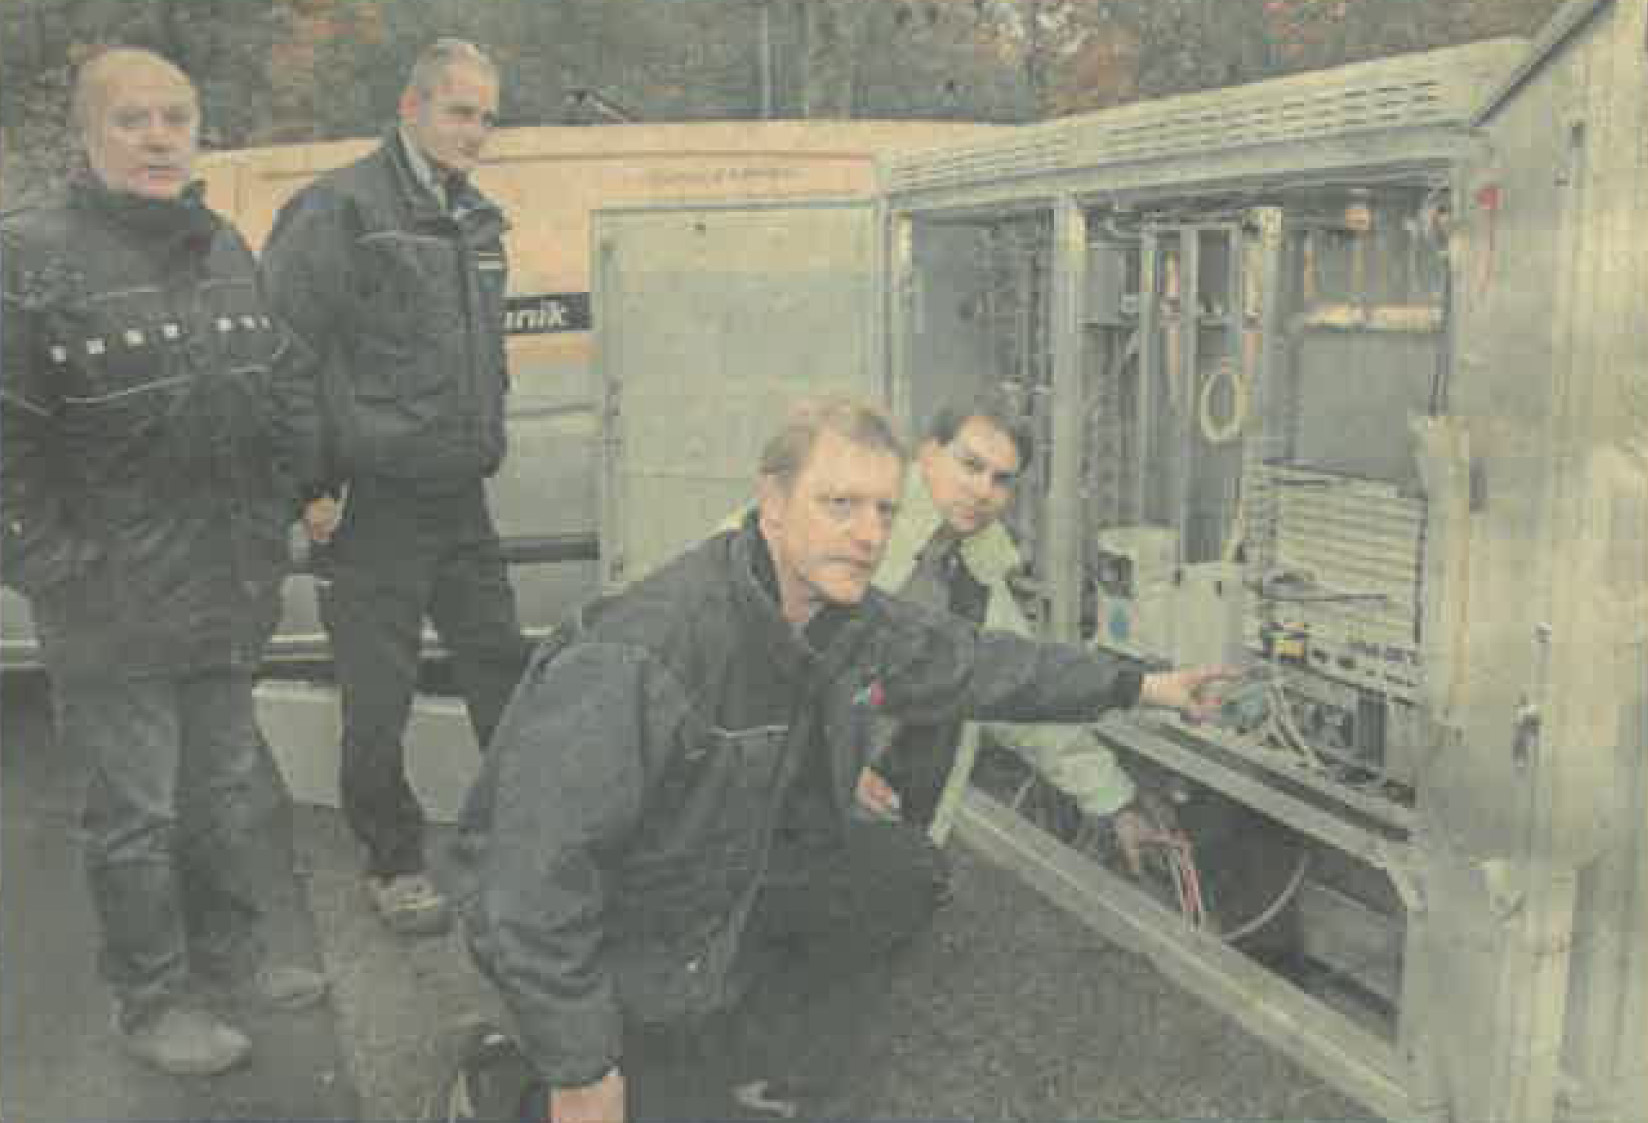 Siebers: Riesenauftrag von der Telekom